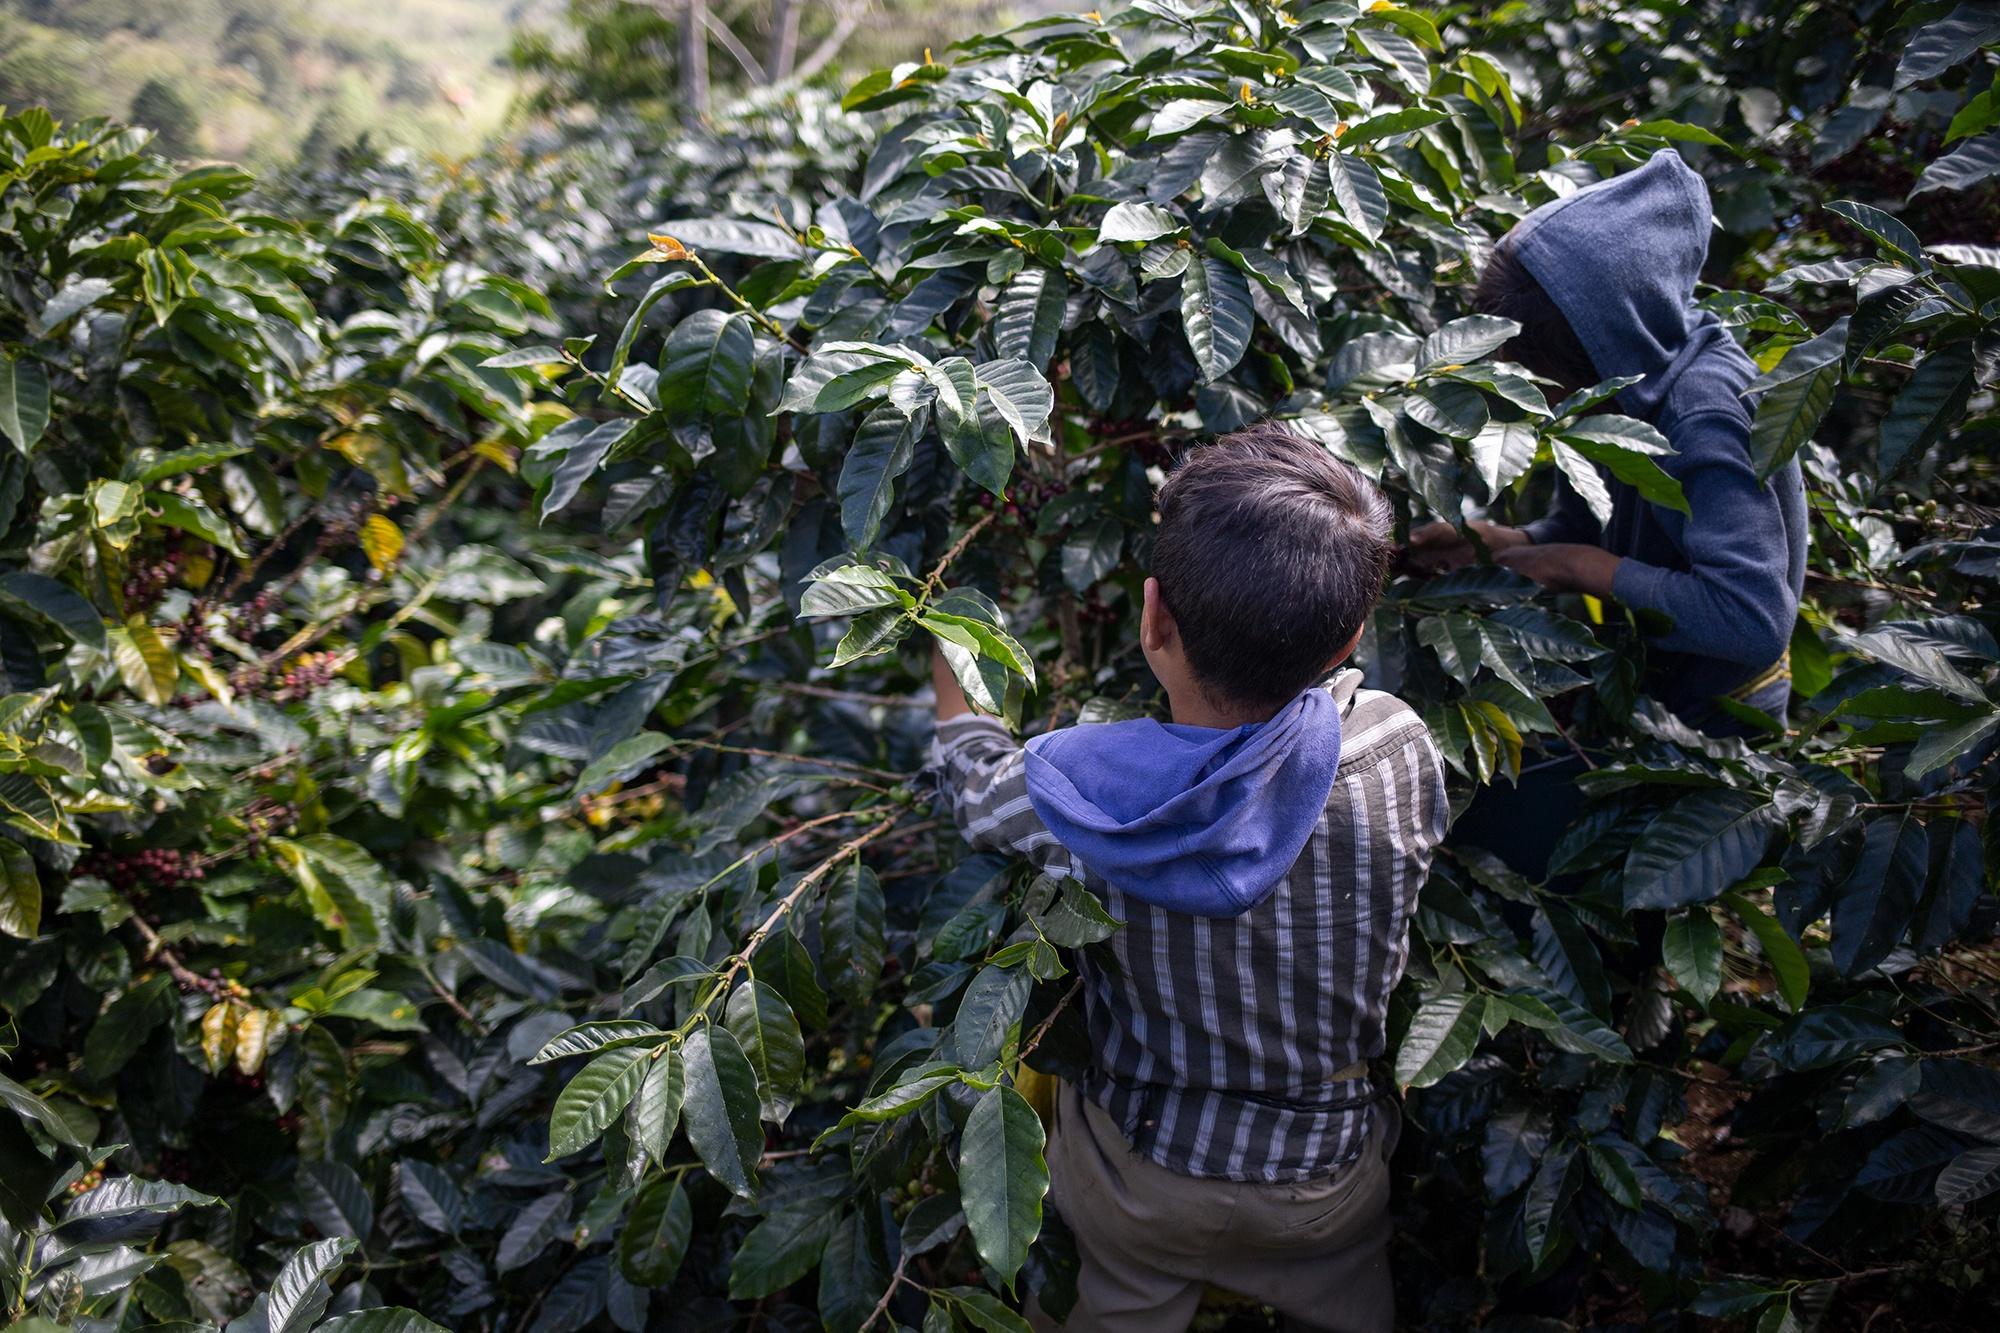 Nolvia y Kevin, de 10 años, trabajan cortando café con toda su familia. Corquín, 27 de febrero de 2021. Foto: Martín Cálix.